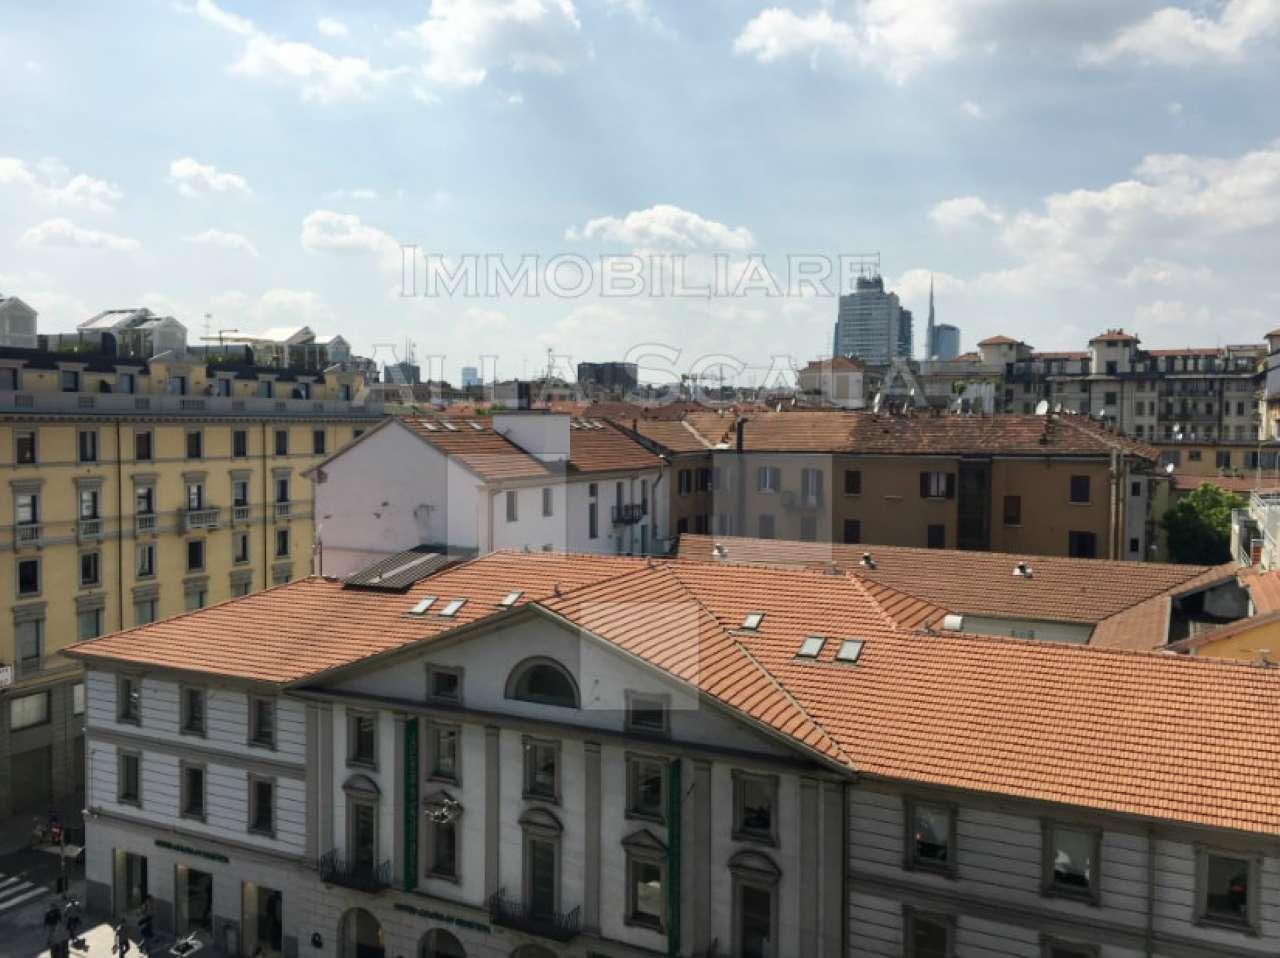 Appartamento in vendita a Milano, 4 locali, zona Zona: 4 . Buenos Aires, Indipendenza, P.ta Venezia, Regina Giovanna, Dateo, prezzo € 545.000 | Cambio Casa.it